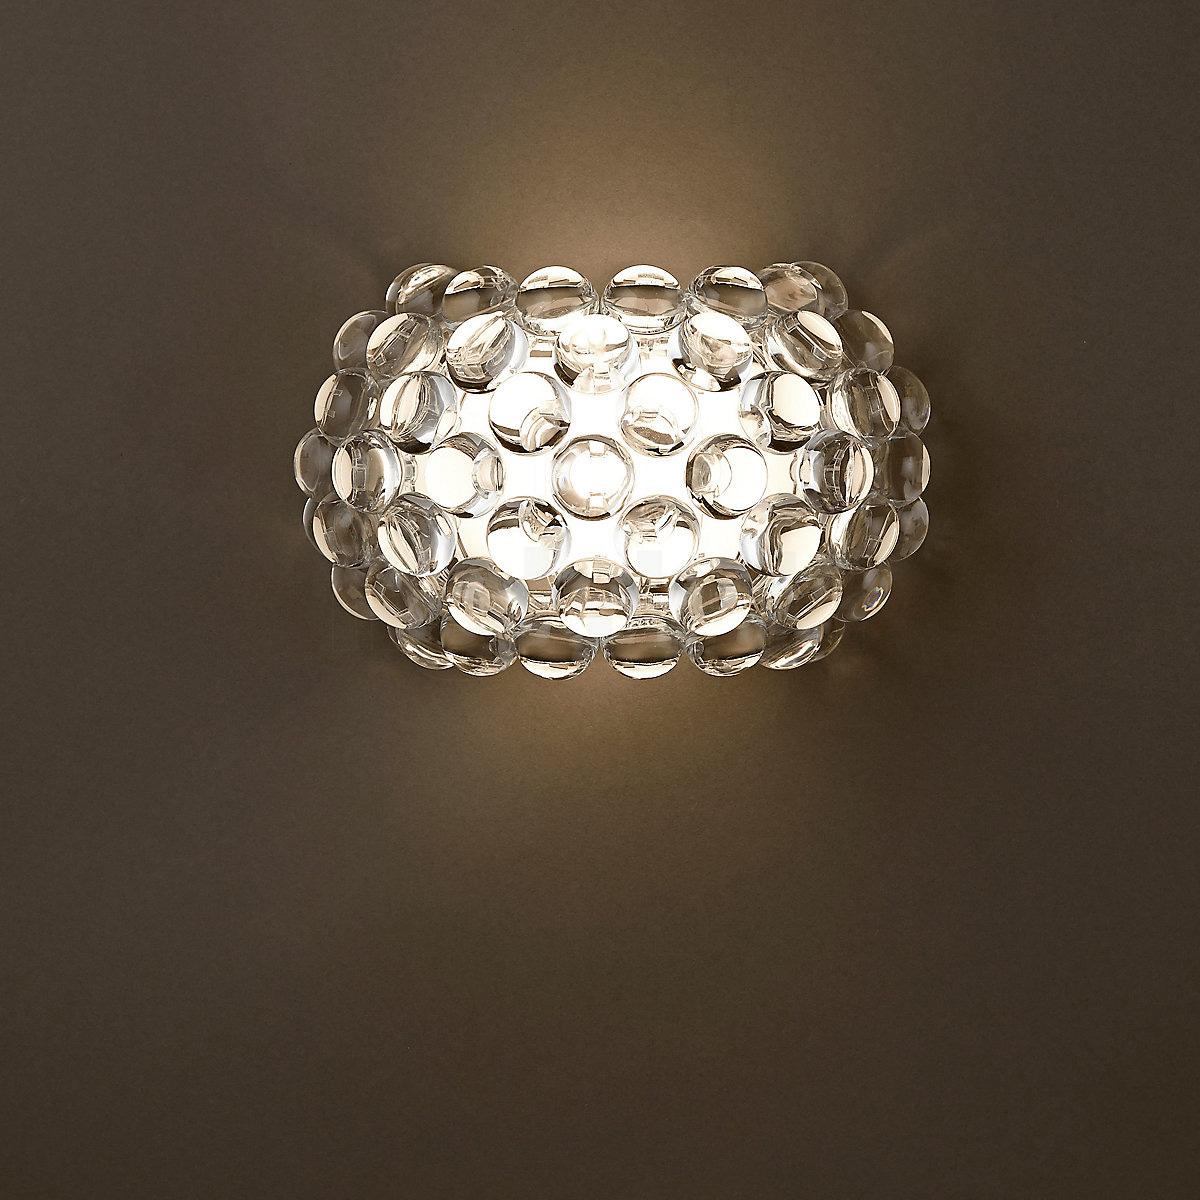 Zidna lampa caboche piccola 138025 16